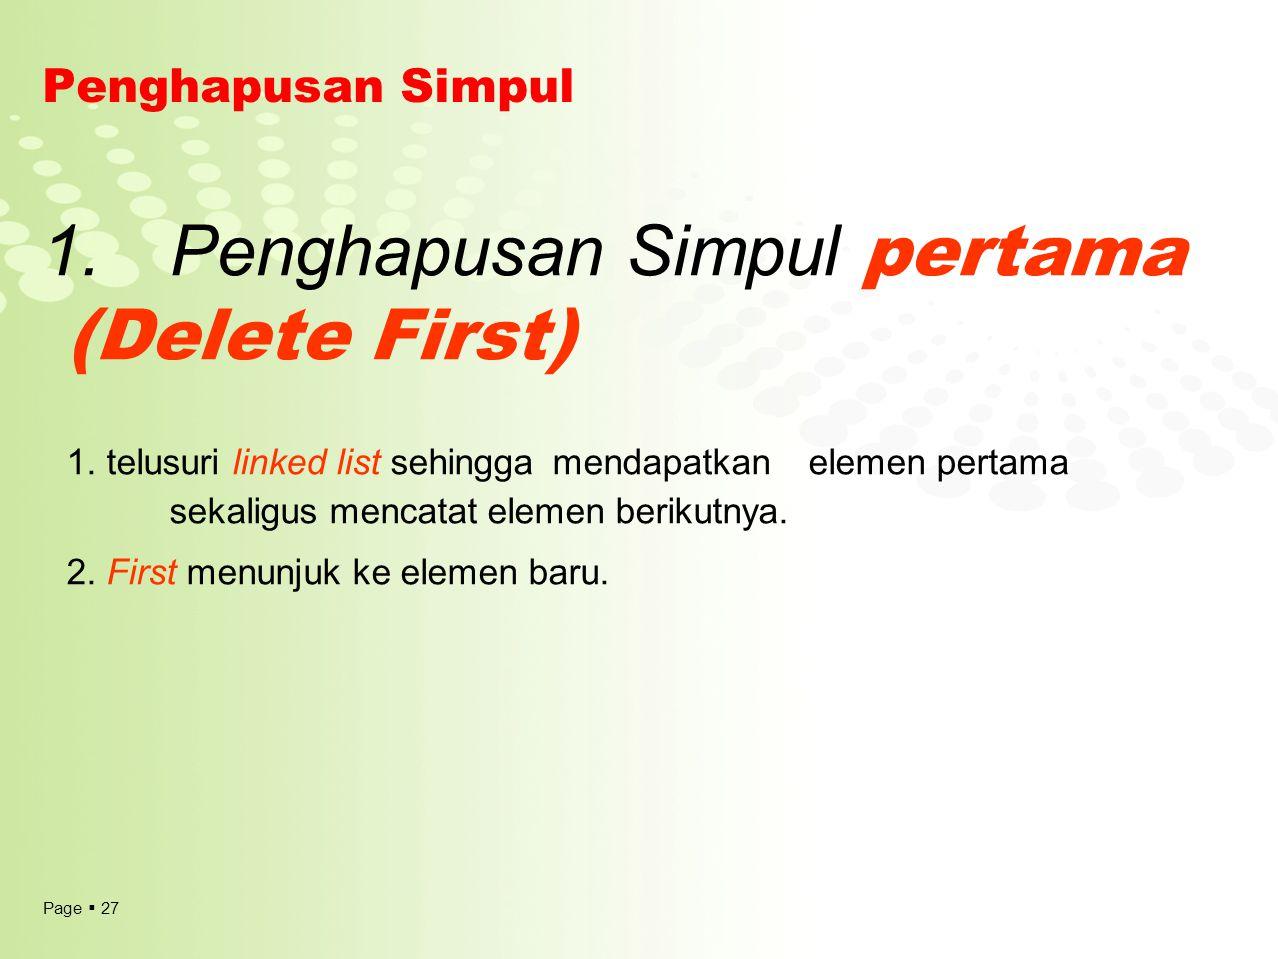 1. Penghapusan Simpul pertama (Delete First)